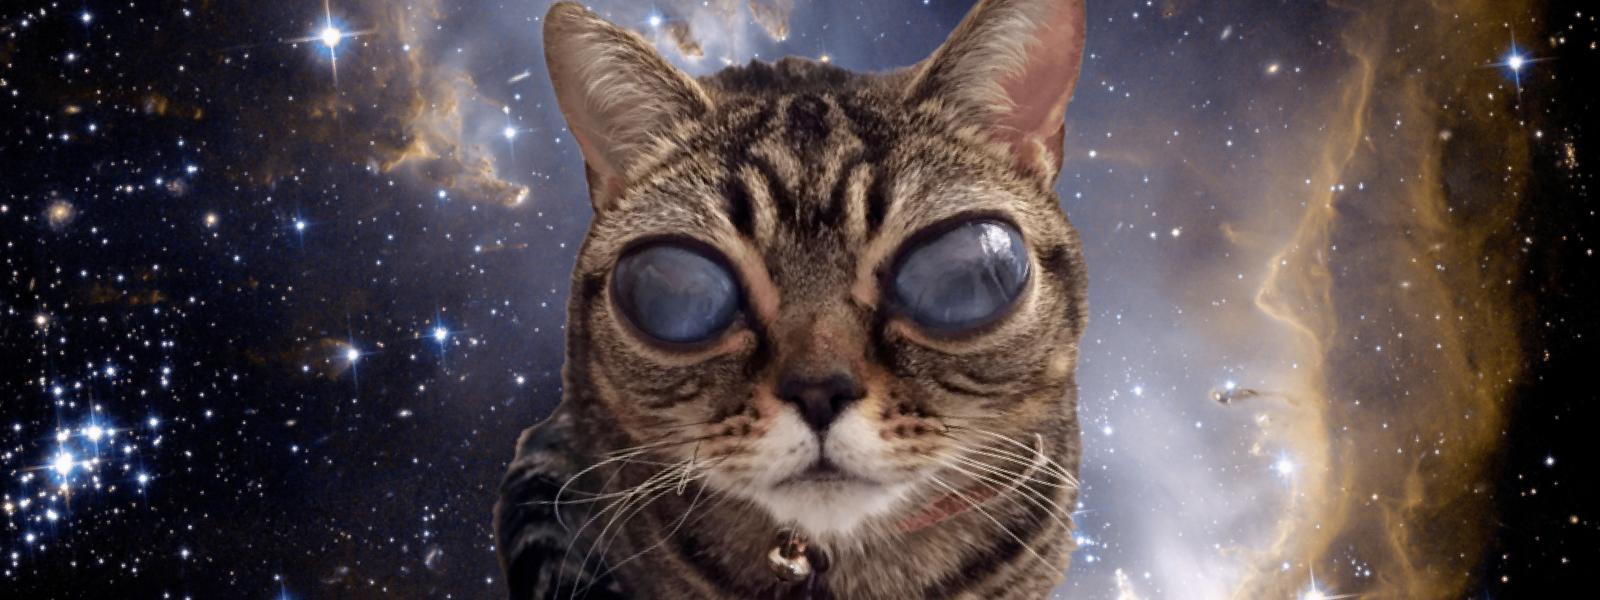 Celebrity Cats – Alien Cat Matilda